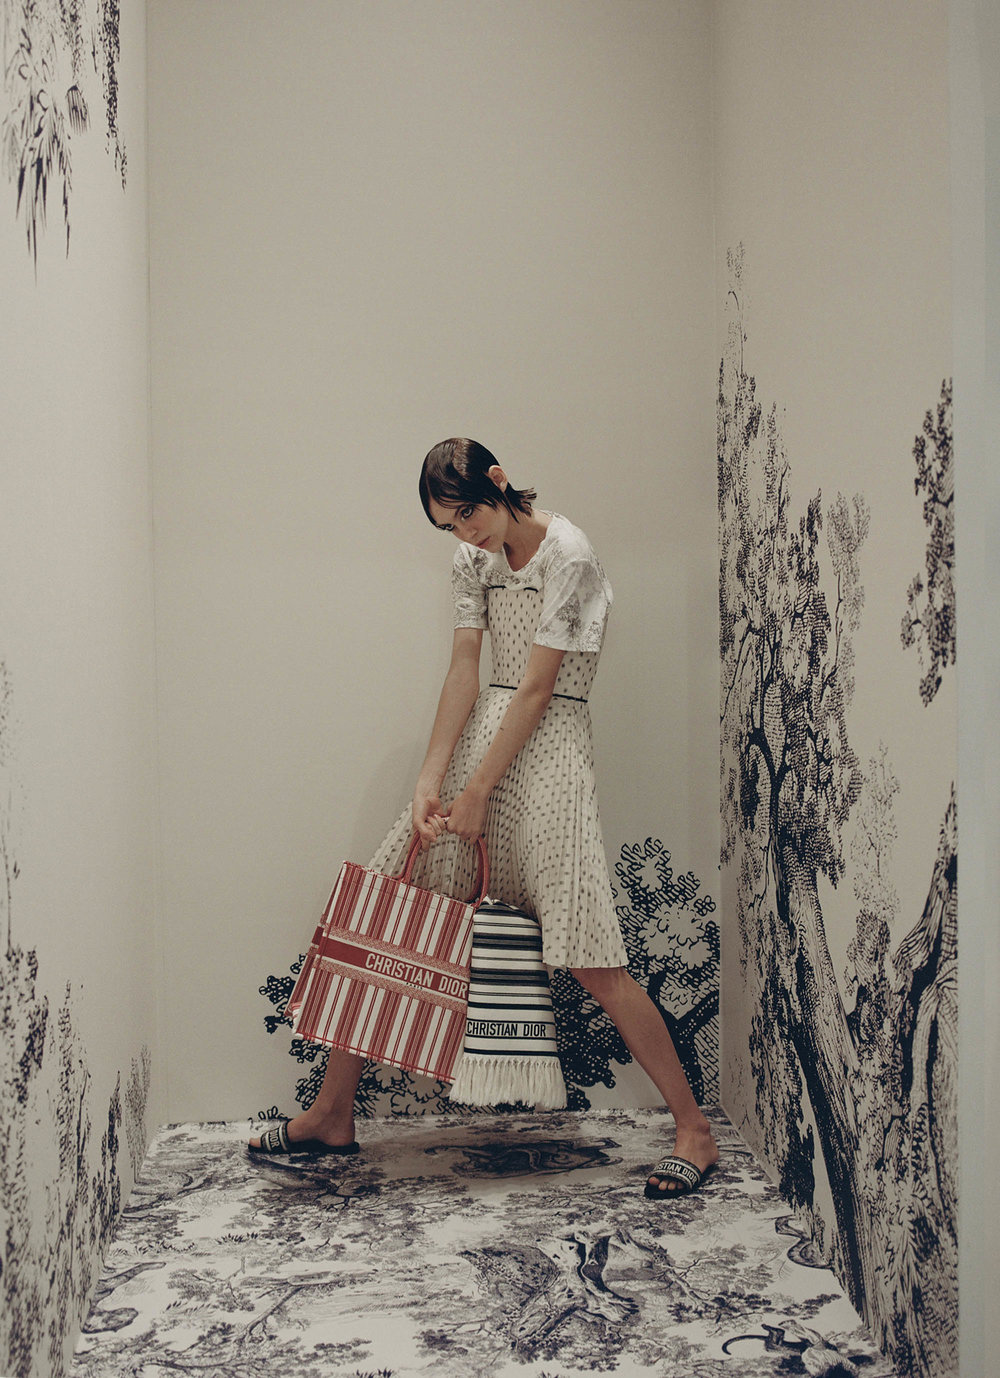 DAPHNENGUYEN-Dior x Matilda final-181214000246270007.jpg